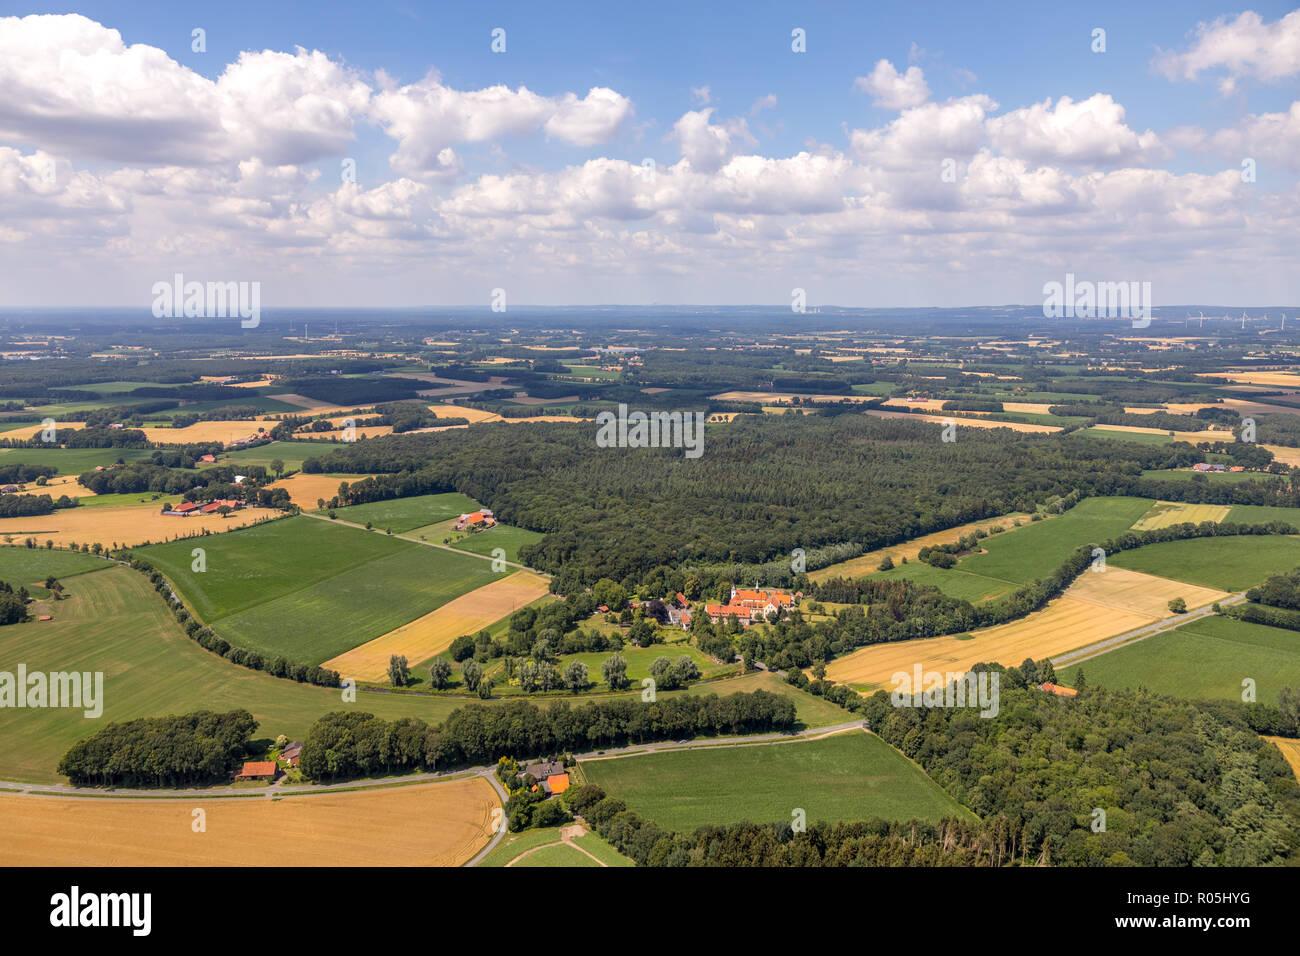 Aerial view, Overview Vinnenberg Abbey - Place of Spiritual Experiences, Landgasthof - Zum kühlen Grunde, Bever, State Forest Vinnenberger Busch, Ware - Stock Image